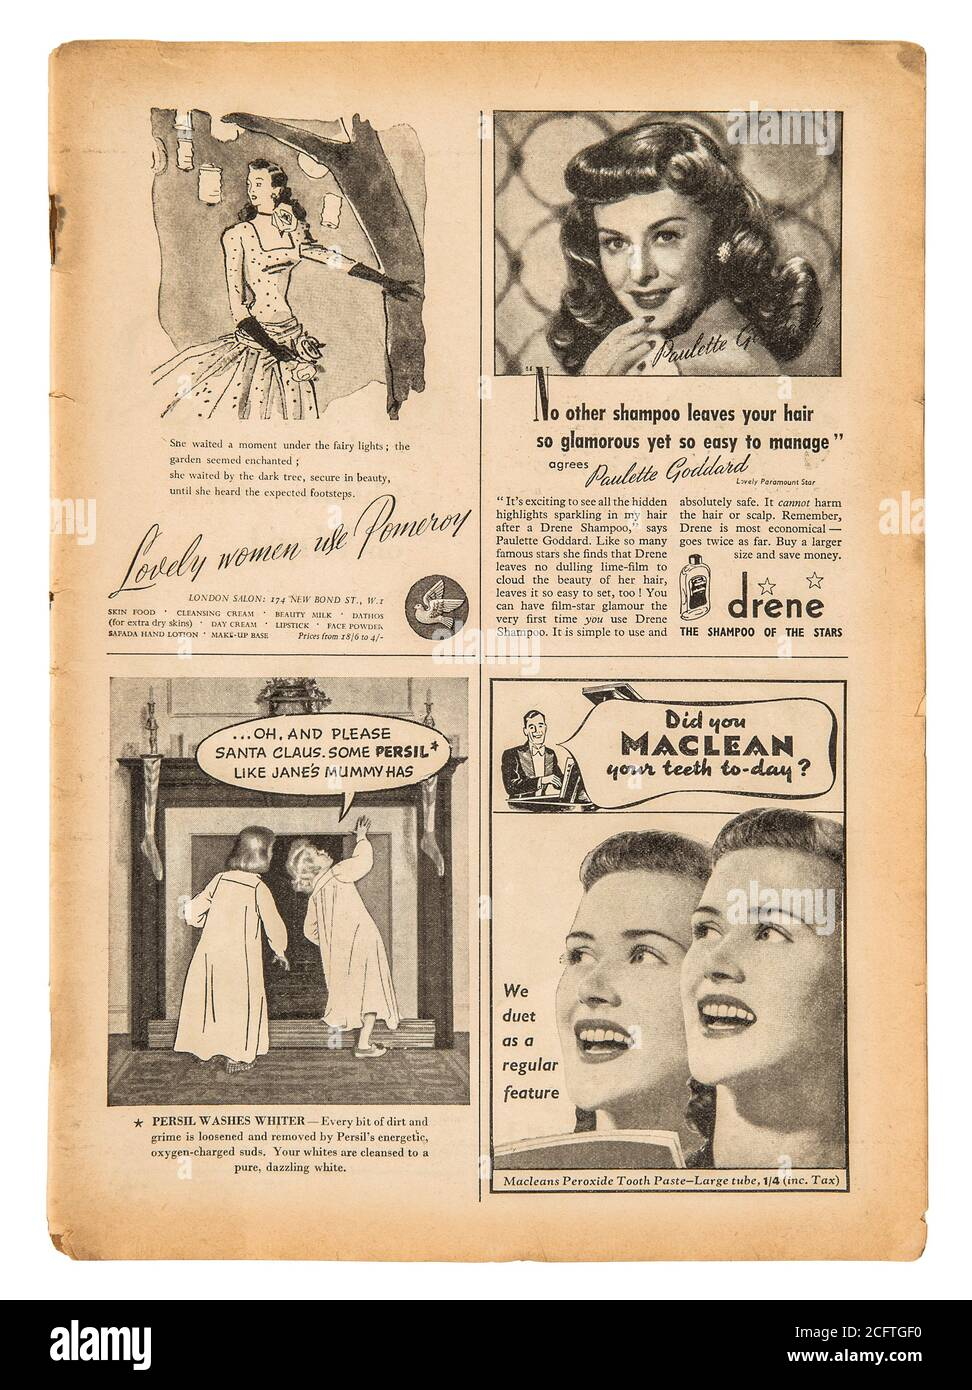 Página del periódico con texto en inglés y cuadros de publicidad vintage. Antigua revista británica de 1947 Foto de stock